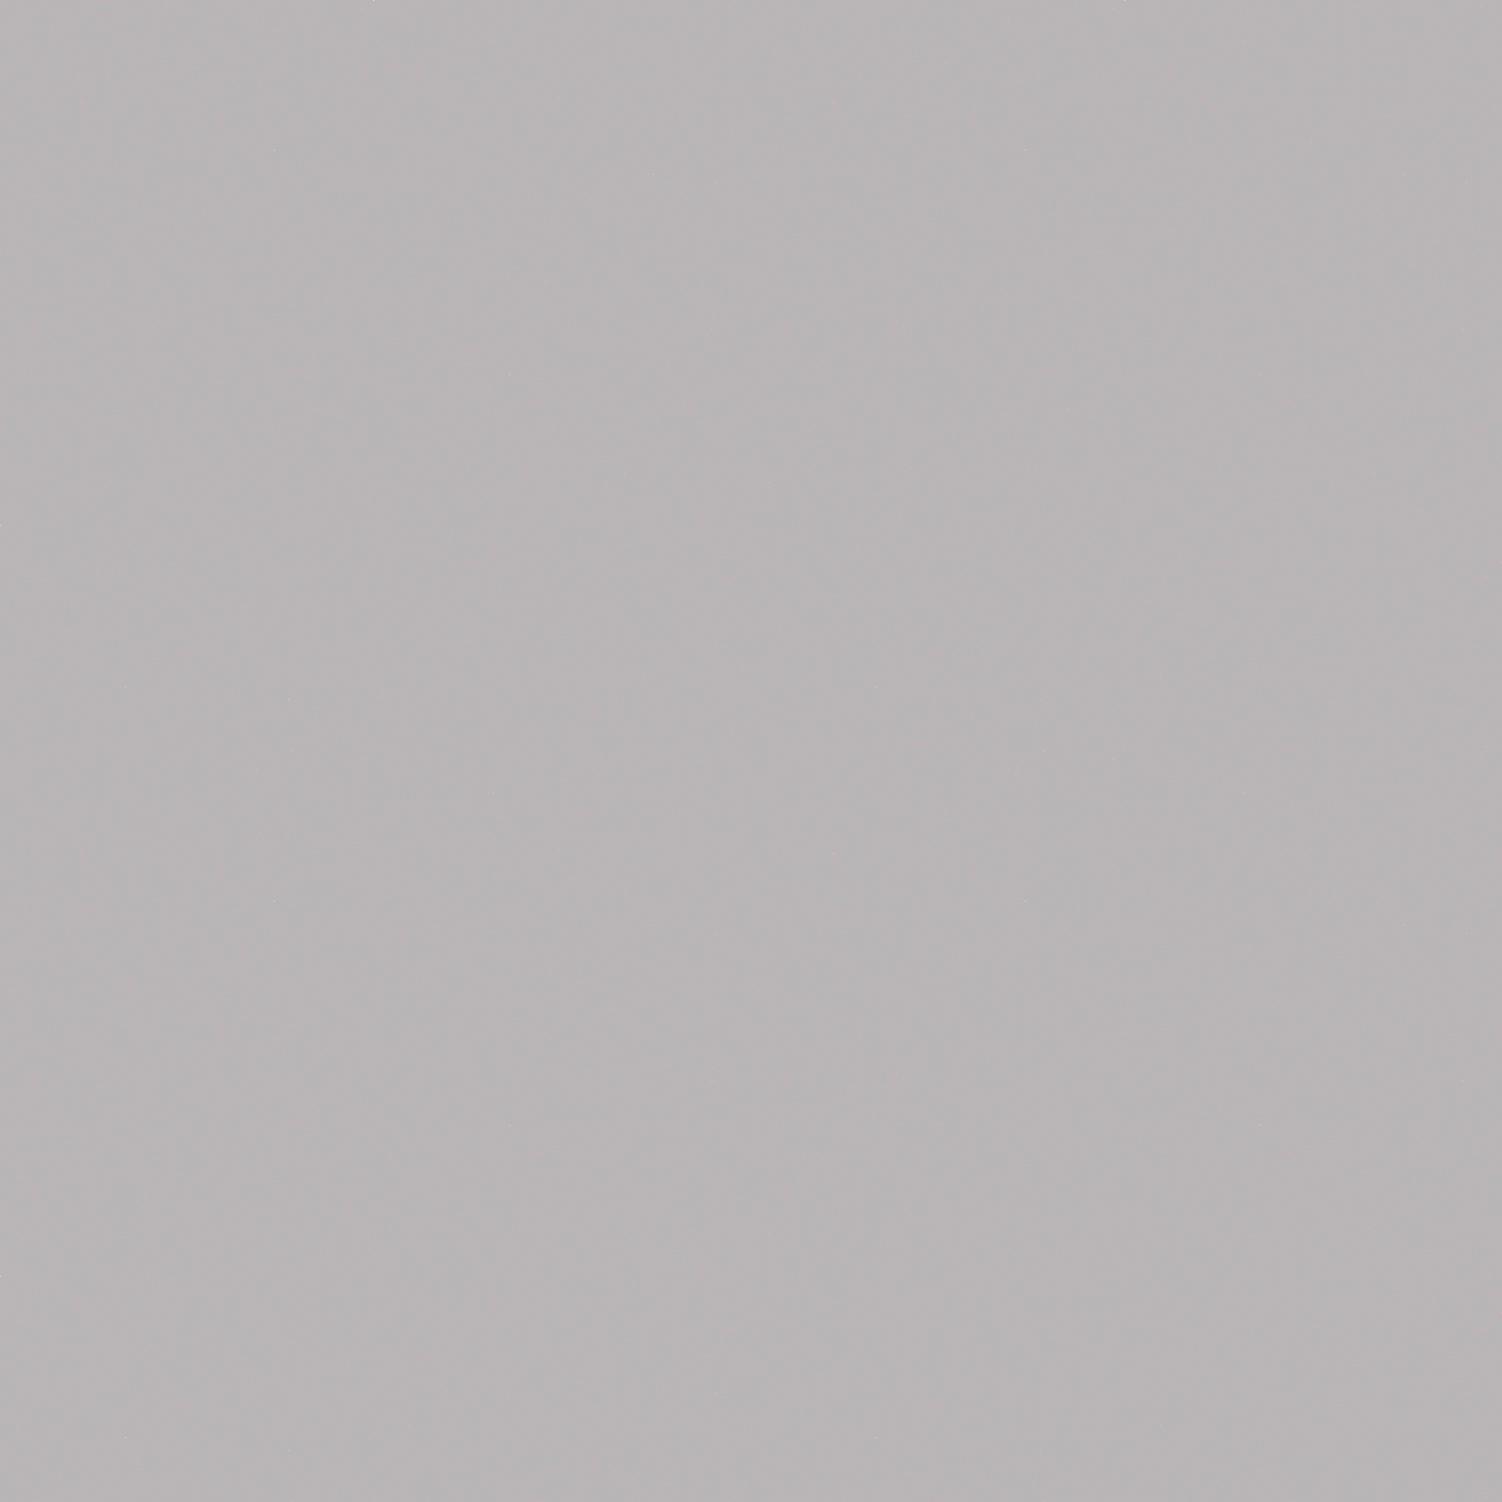 Dětské tapety Disney Deco 3010-1 | 10,05 x 0,53 m (Jednobarevná tapeta - papírová)